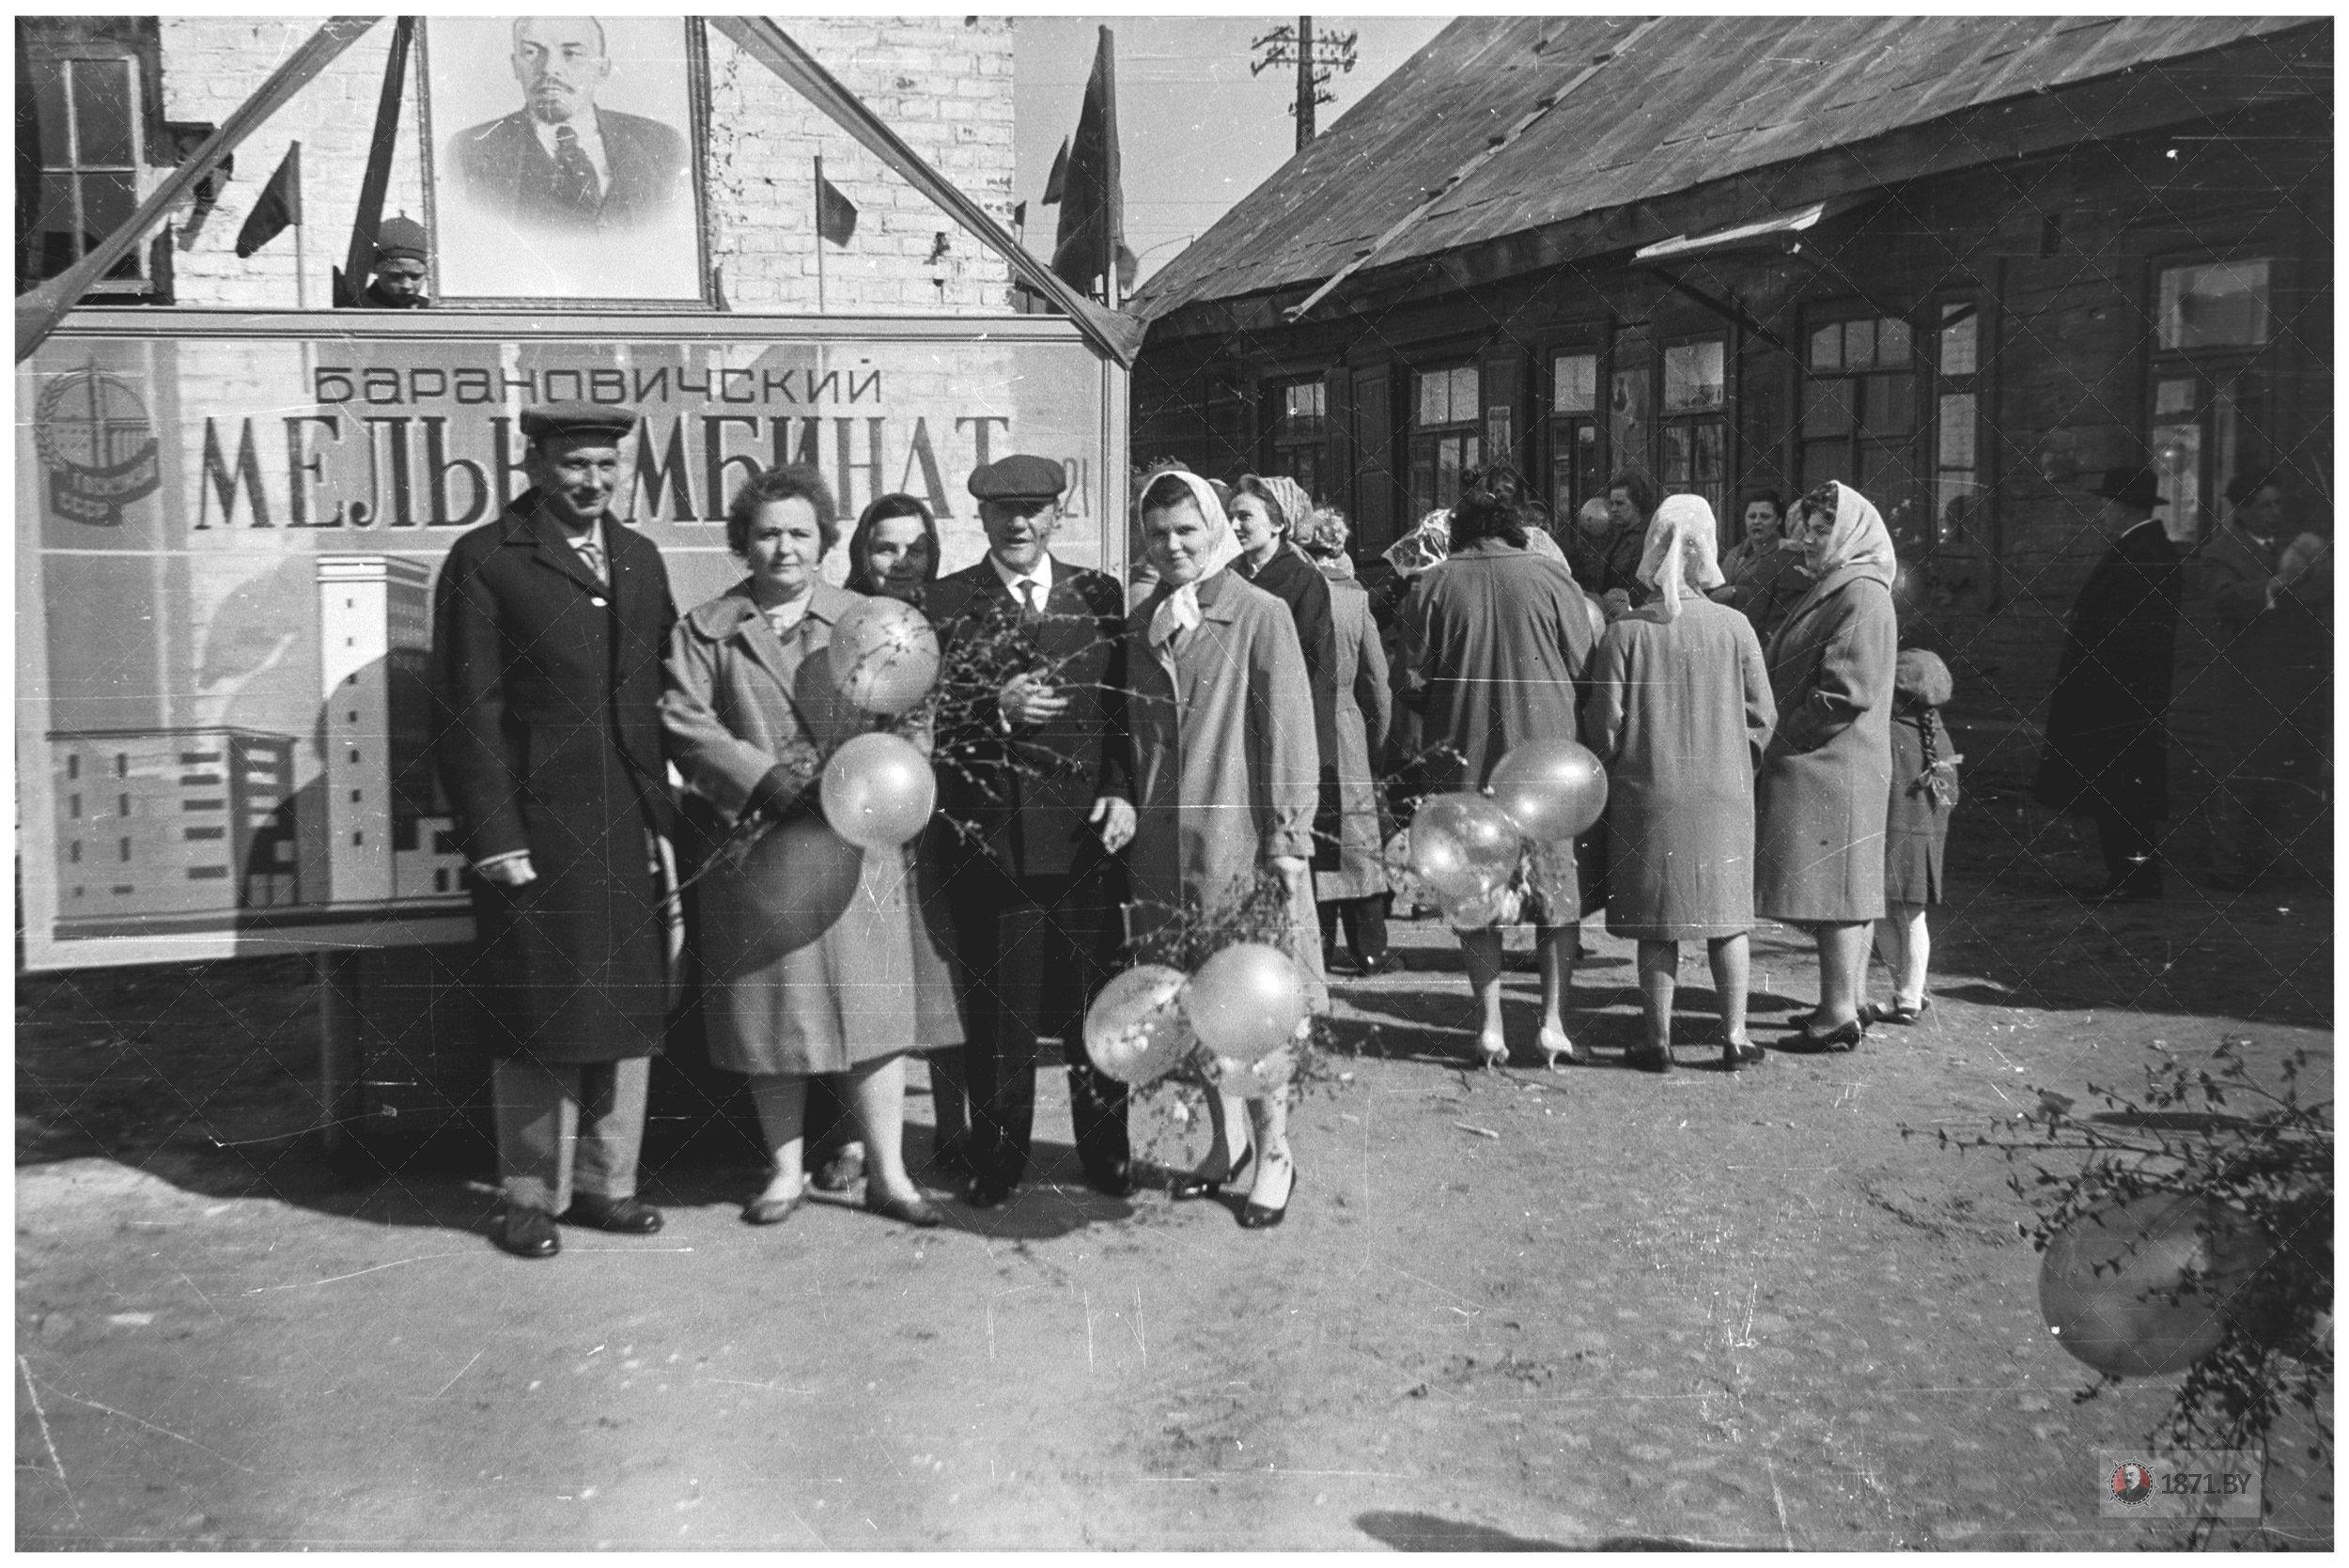 Работники Барановичского мелькомбината у проходной